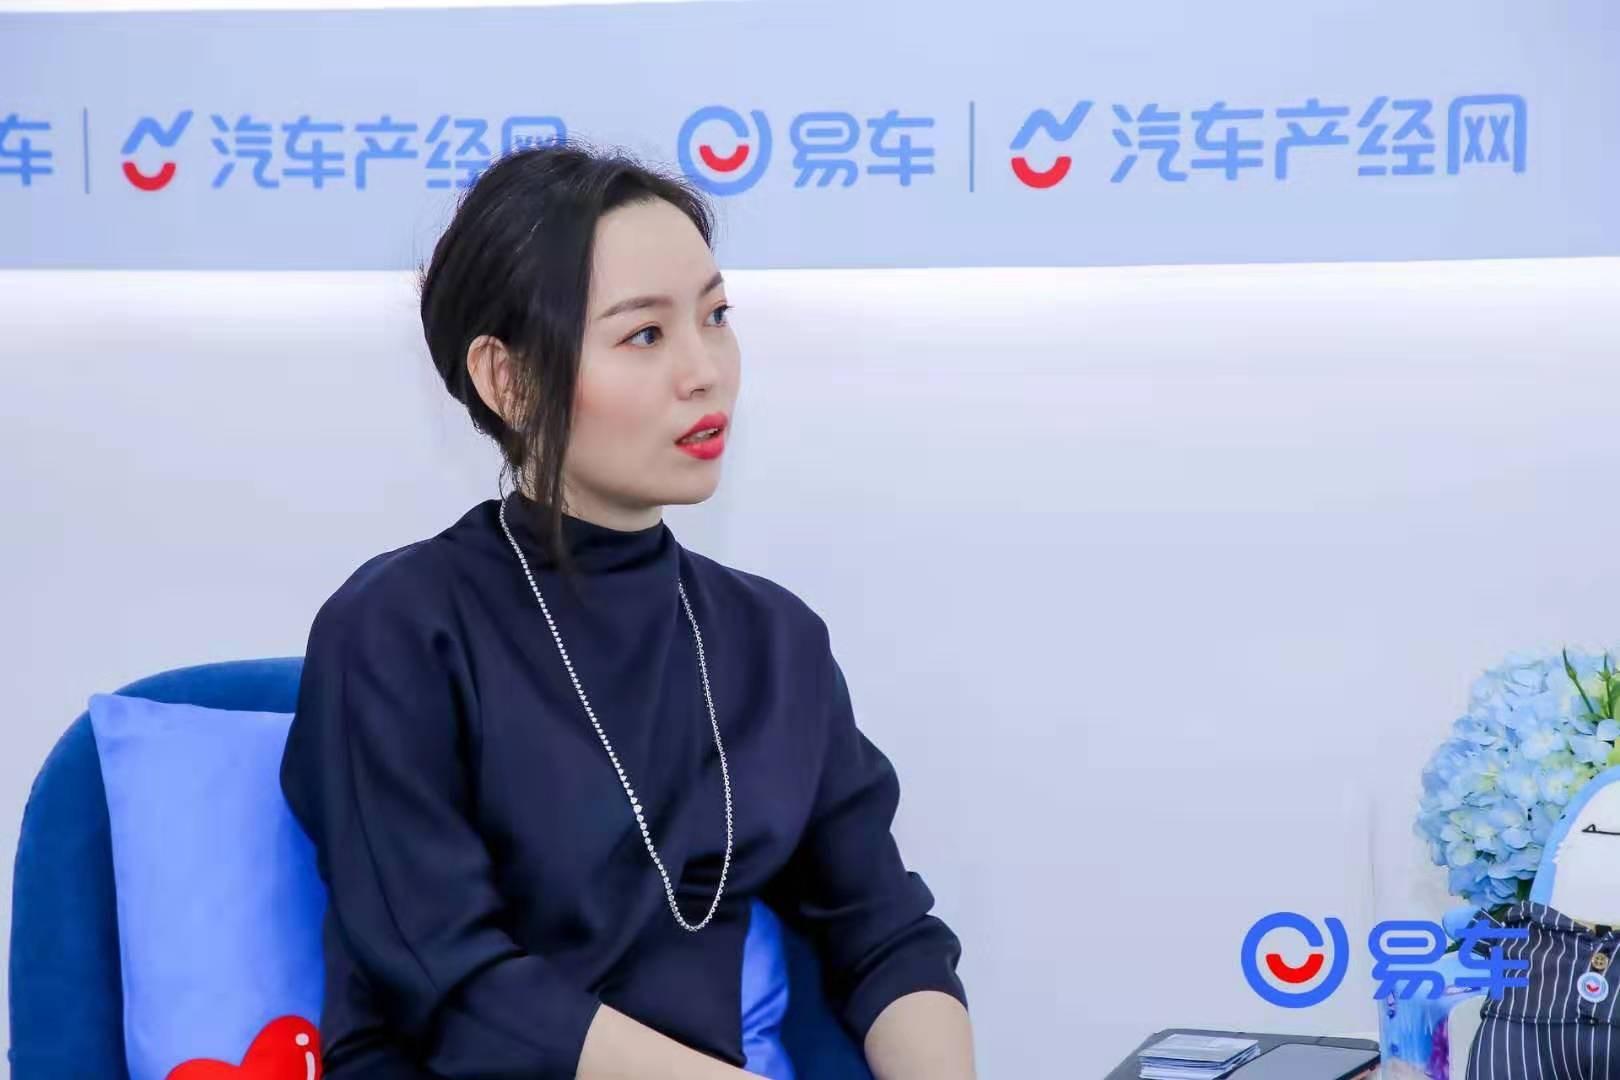 唐凤靓:2019年保时捷在华销量将逾越85000辆|汽车产经